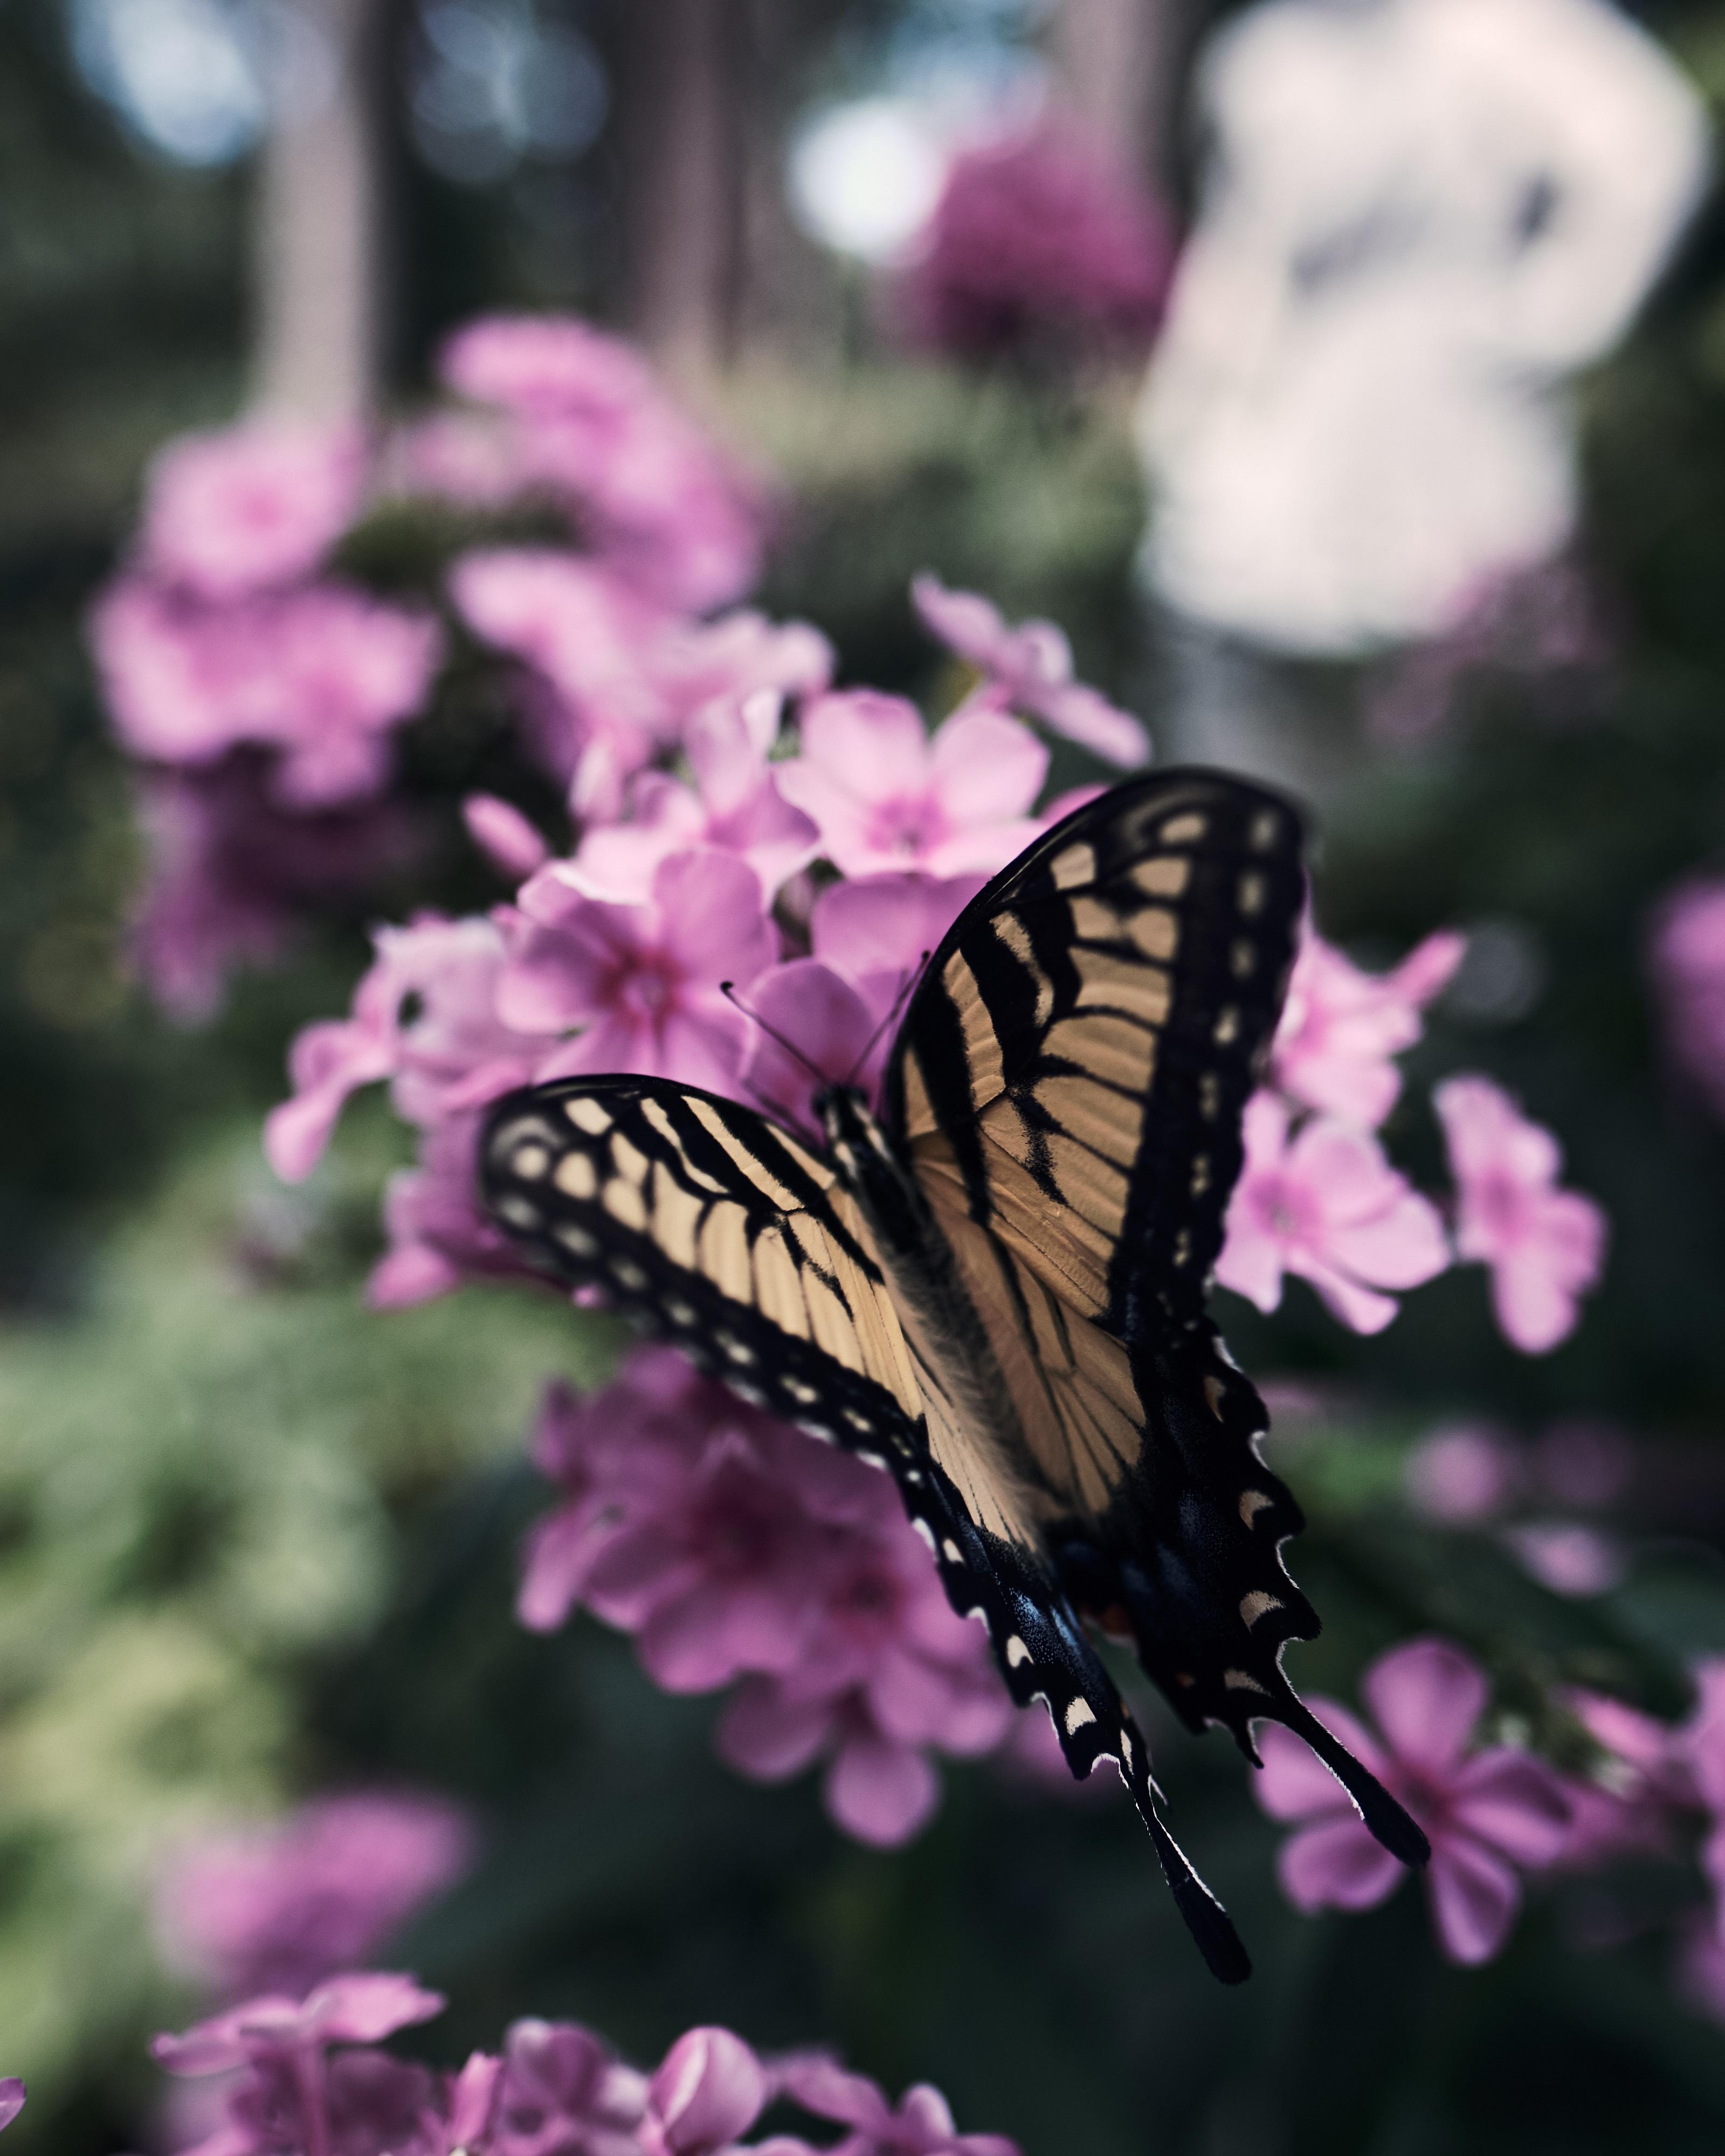 Monarch Butterfly on flowers